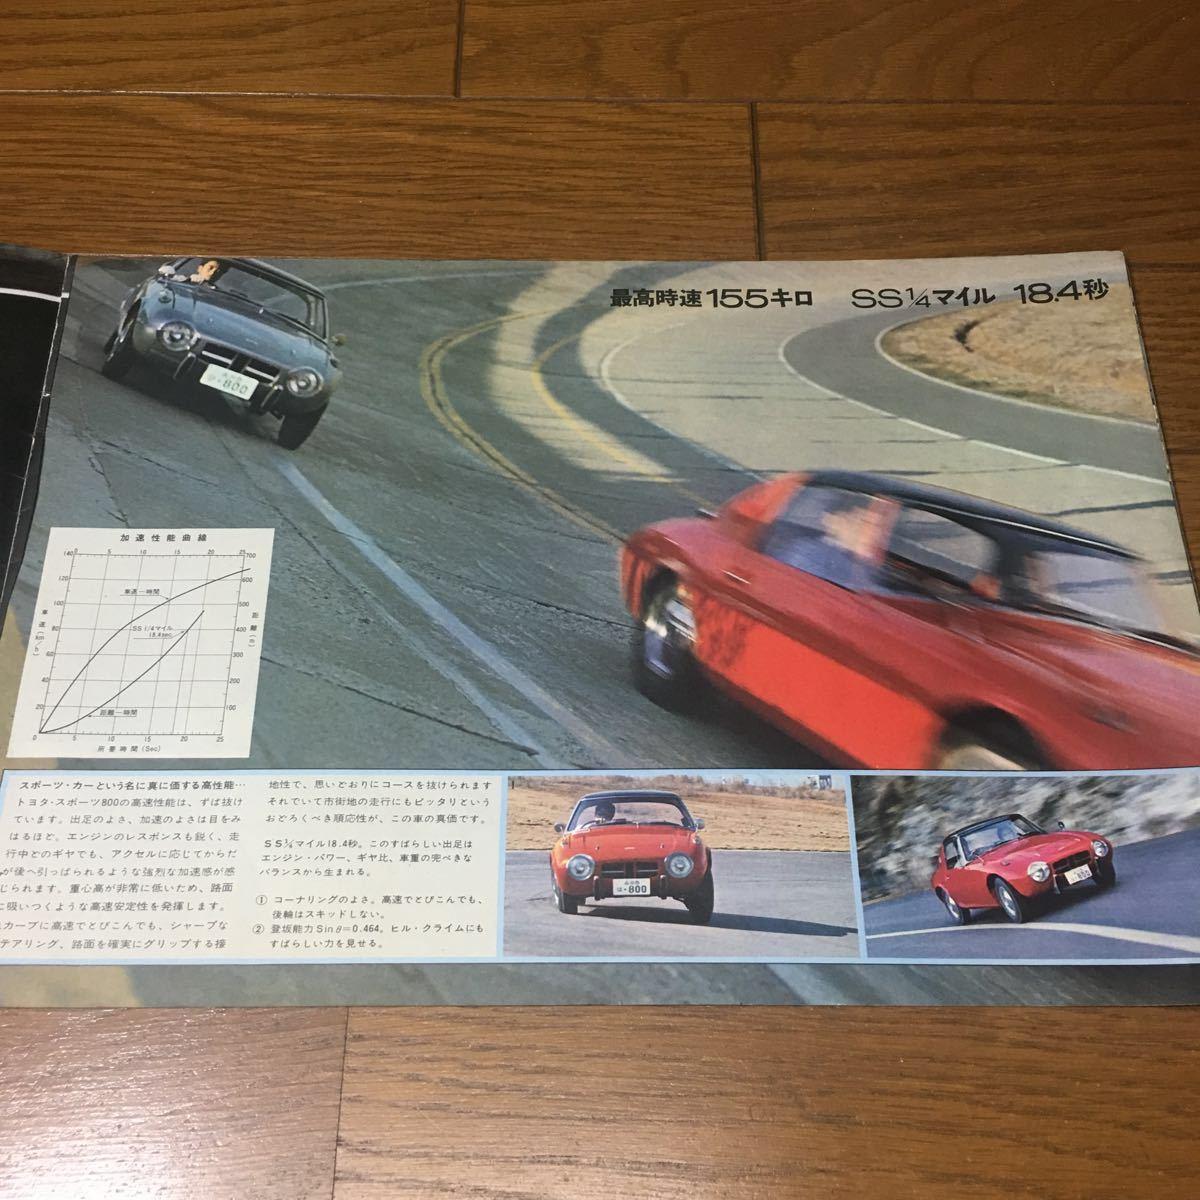 復刻版ではございません 絶版 旧車カタログ トヨタ スポーツ800 ヨタハチ 当時物 昭和 希少 貴重 美品_画像4